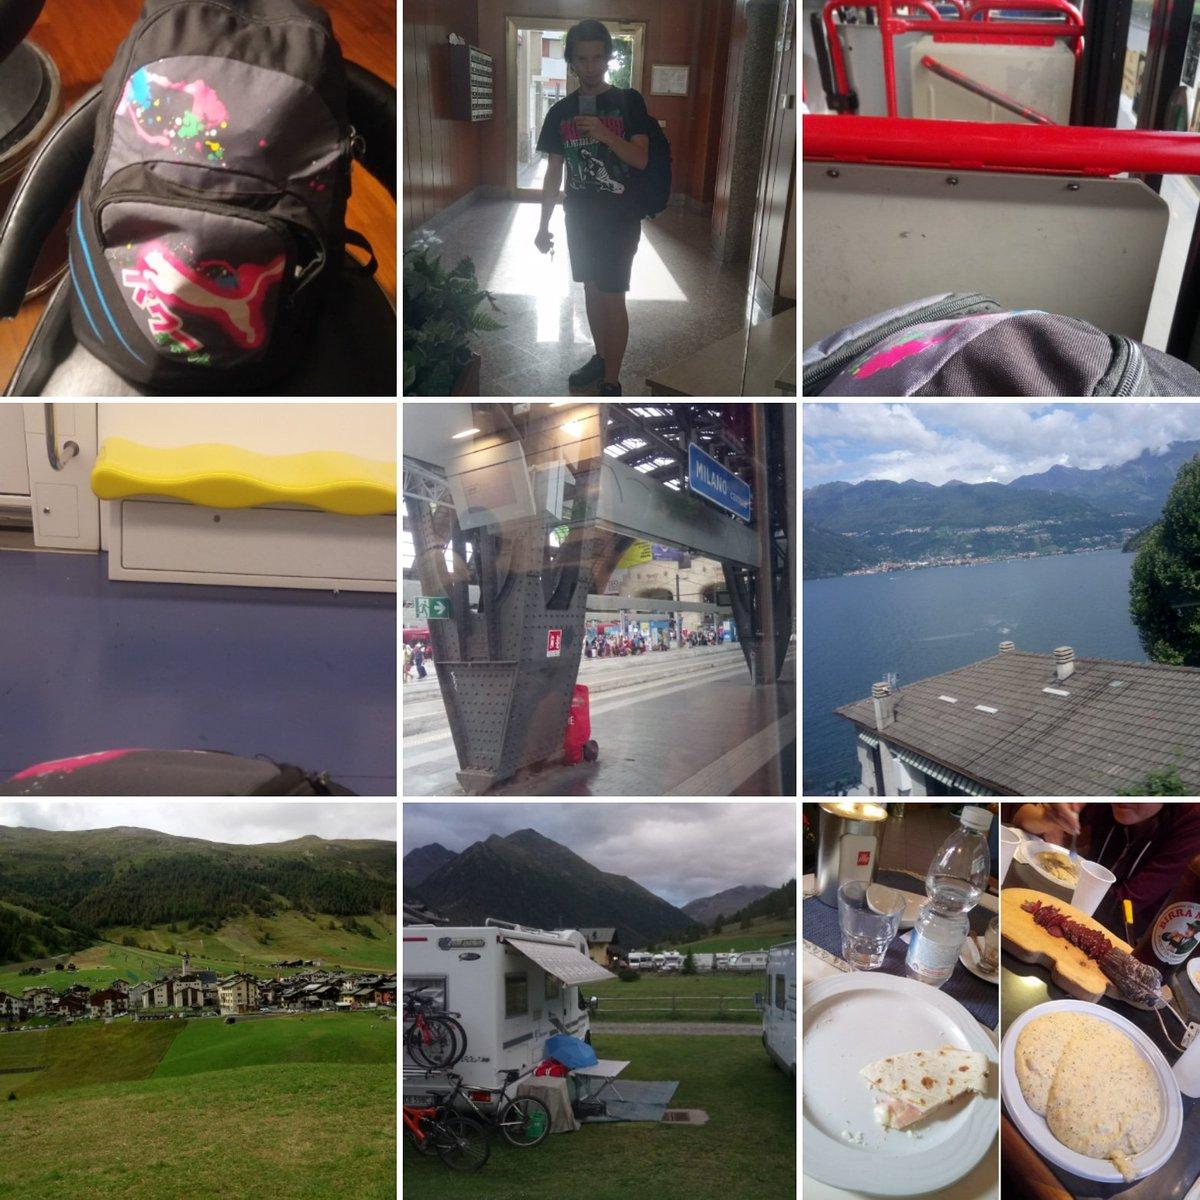 Giornata di ieri, #viaggio di andata #Fizzonasco - #Livigno!#Ferragosto #vacanze #sondrio #Valtellina #Lombardia #inlombardia #regionelombardia #relax #montagna #treno #lago #sudmilano #Milano #Milan #famiglia #camper #campeggio #camping #bus #lagodilecco #lecco #trenord  - Ukustom